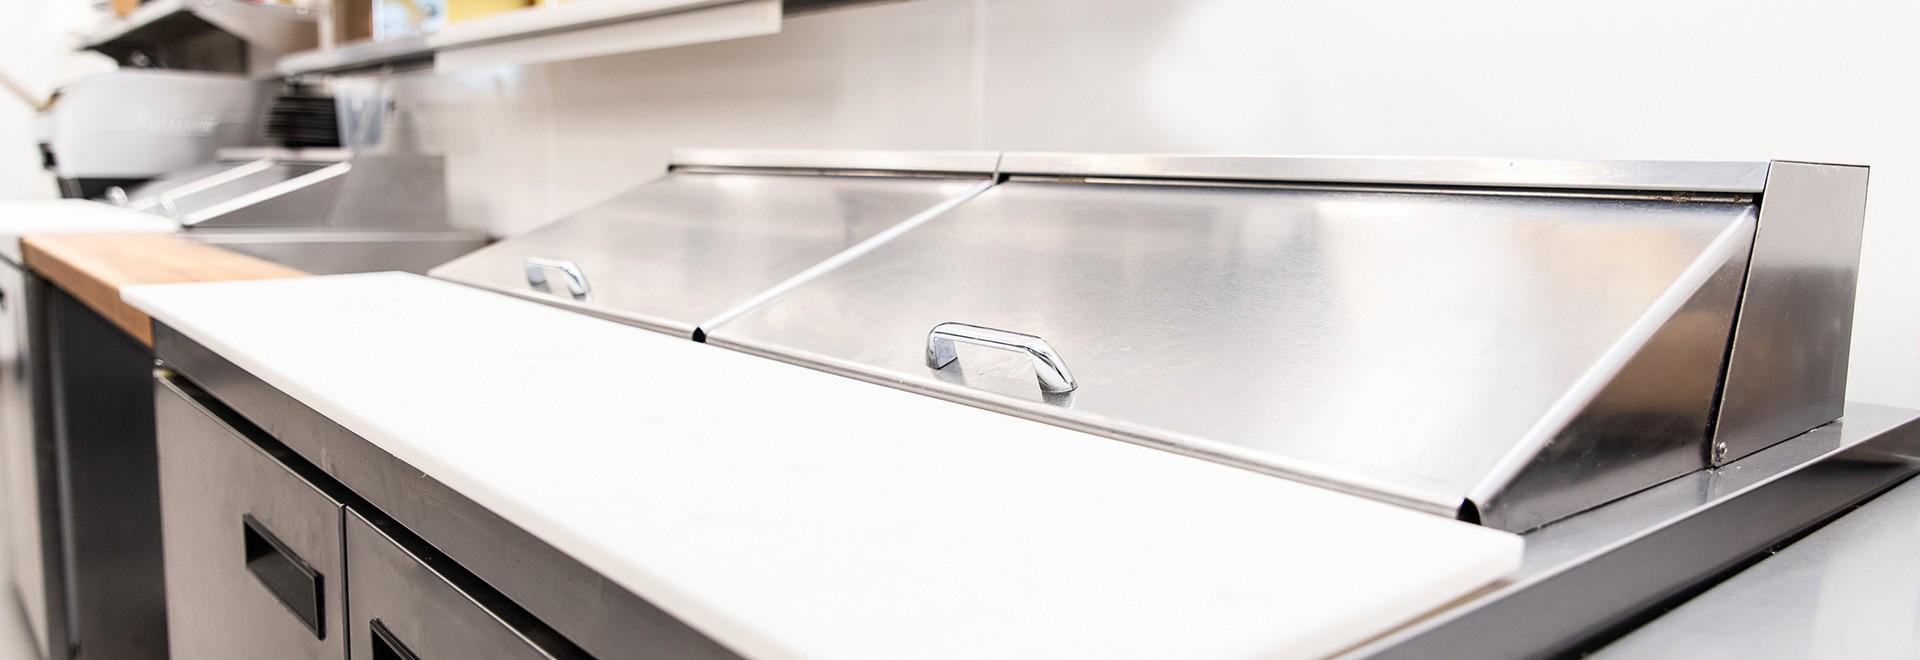 Tables de préparation réfrigérées et réfrigérateurs sous-comptoirs